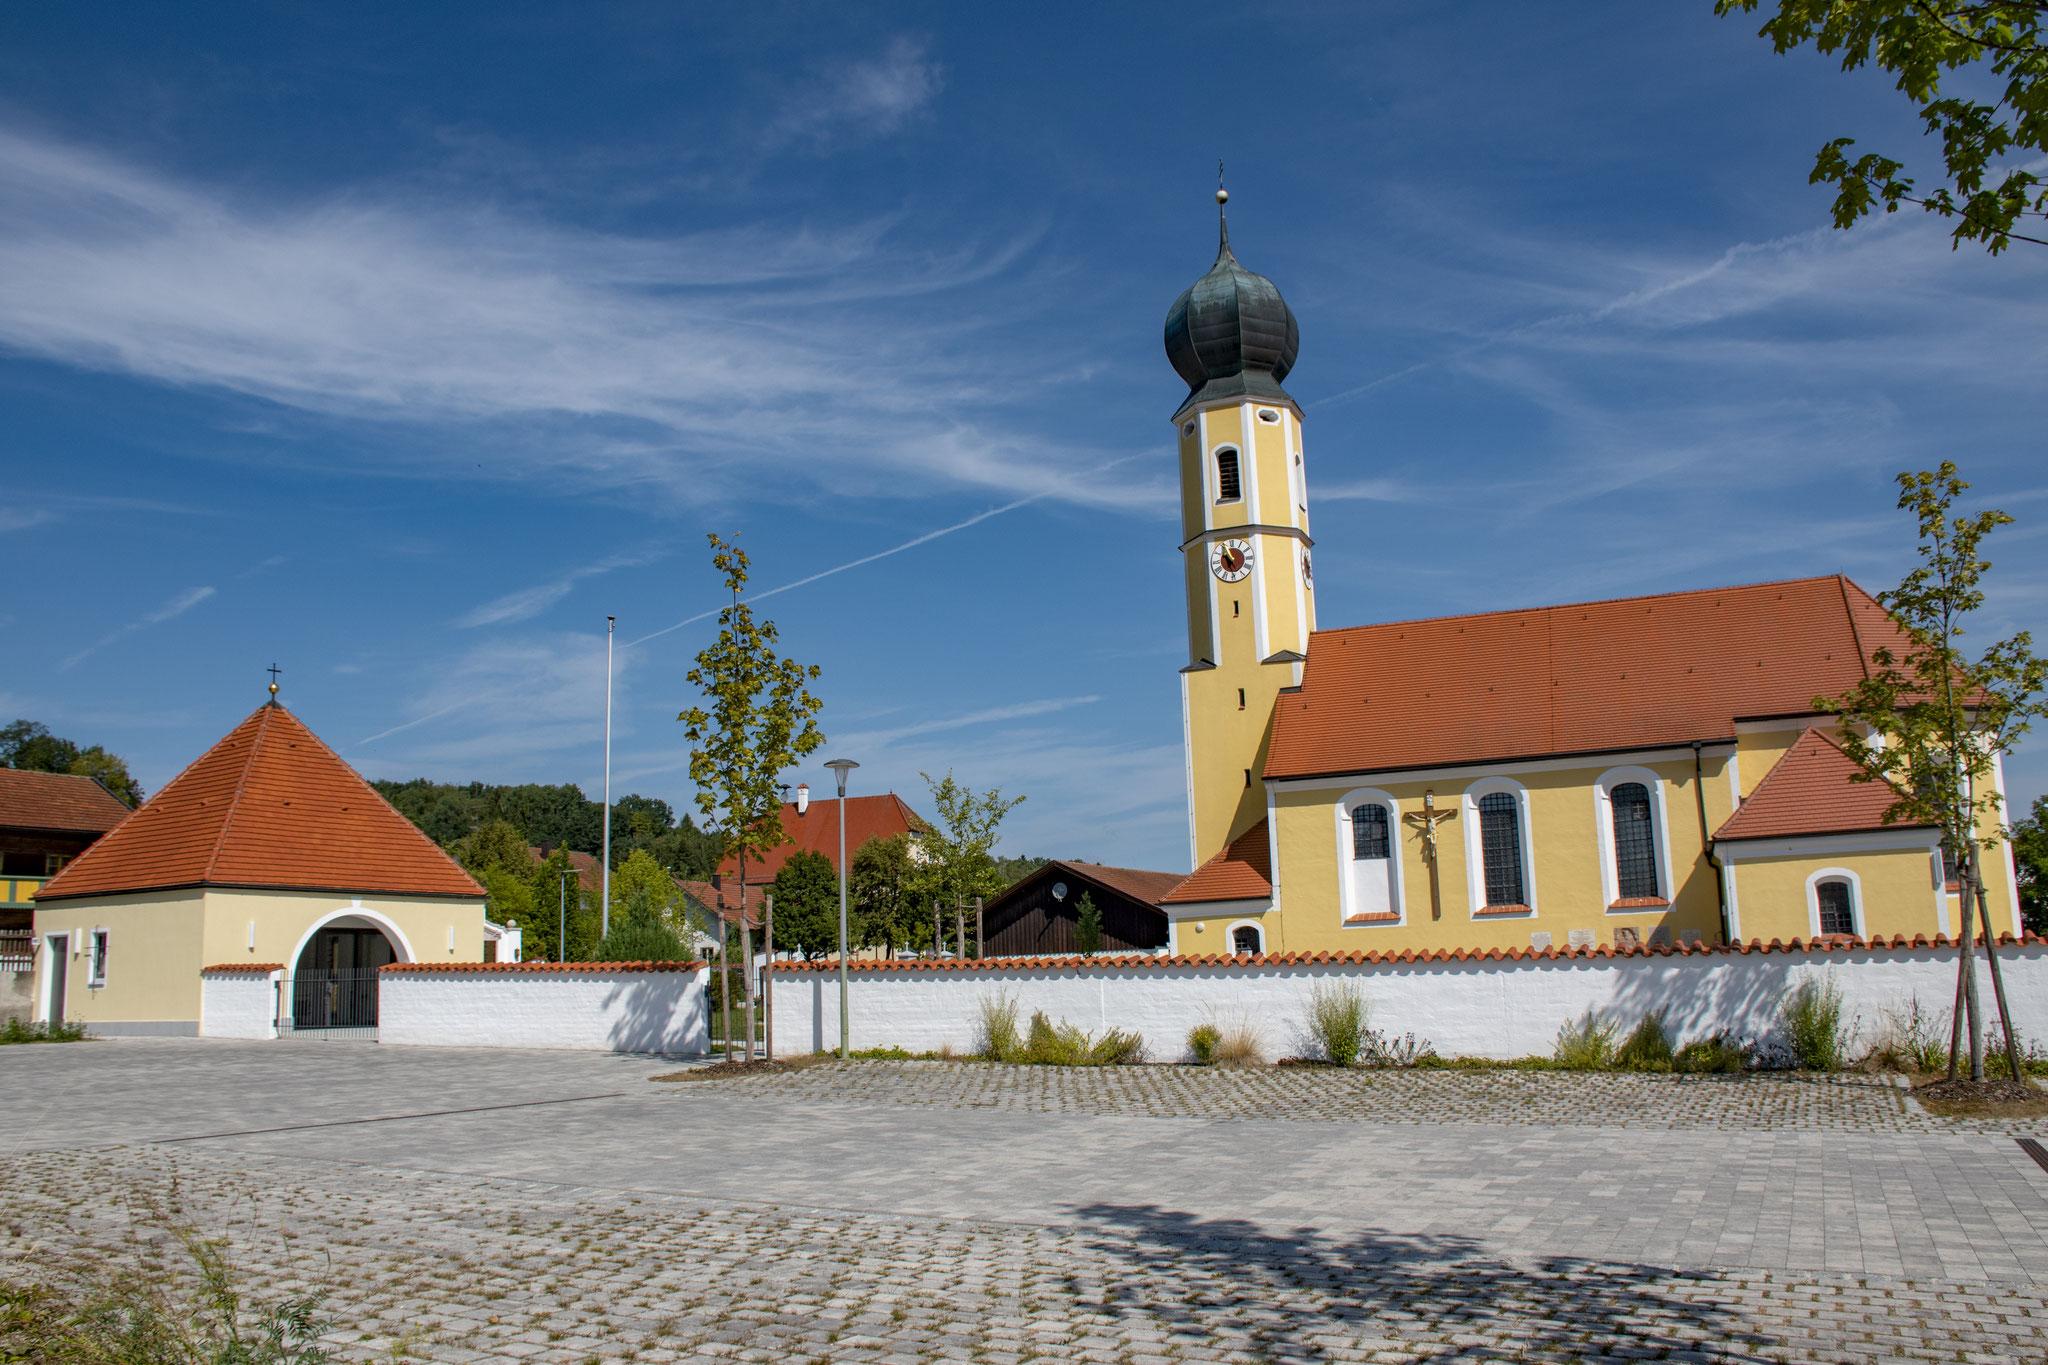 Sanierung Aussegnungshalle, Oberaichbach 2017